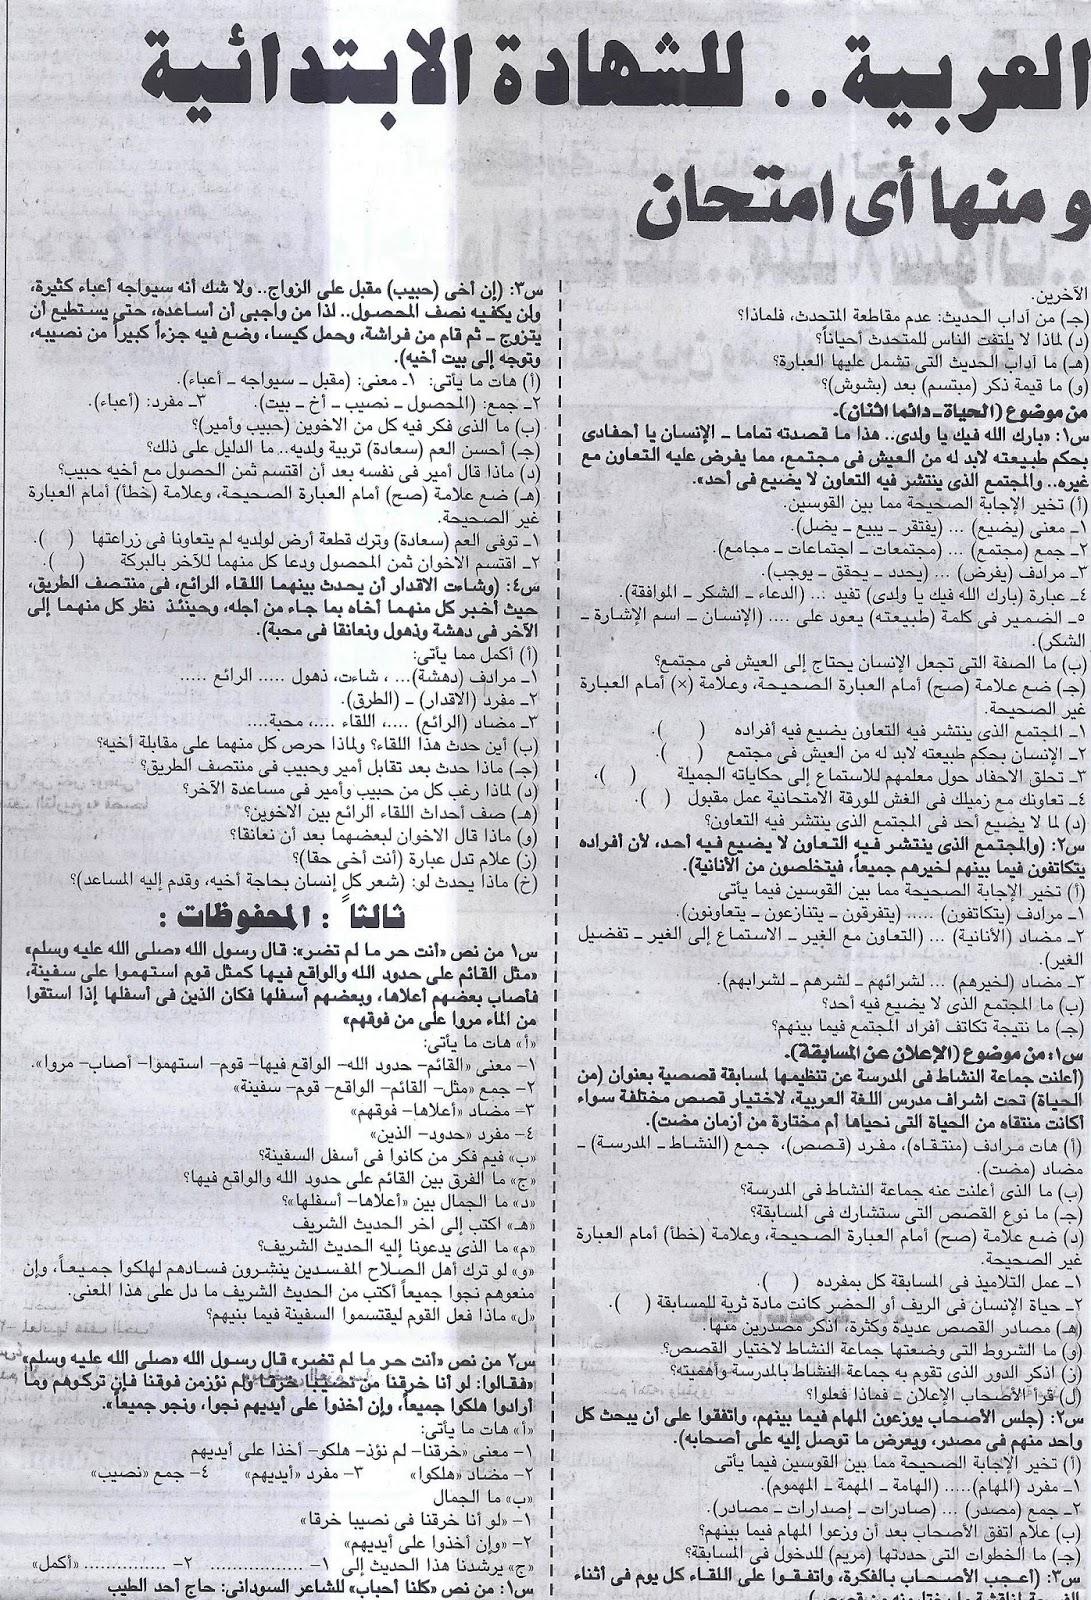 بنك سؤال وجواب لغة عربية الشهادة الابتدائية لن يخرج عنة امتحان اخر العام - ملحق الجمهورية 7/5/2016 3